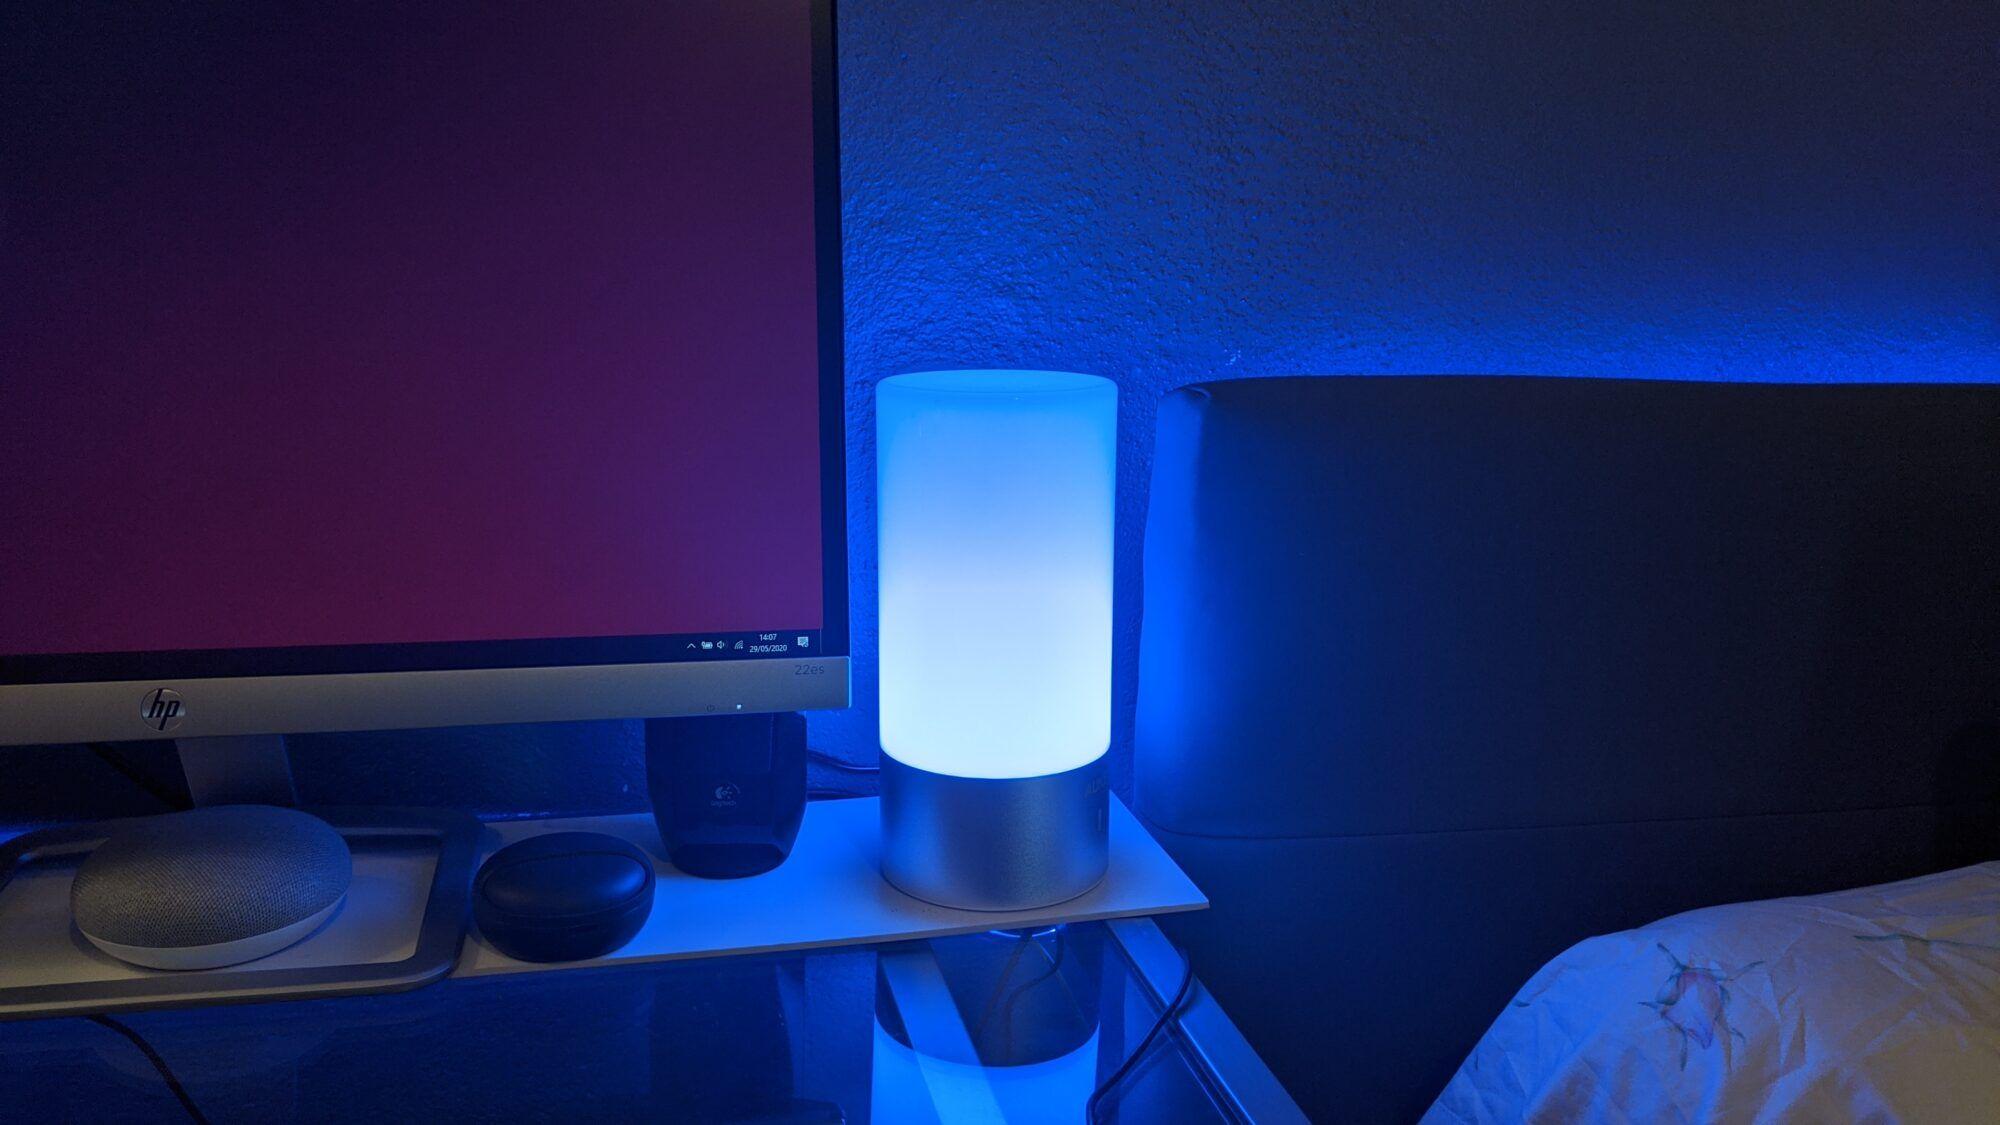 couleur, lampe colorée